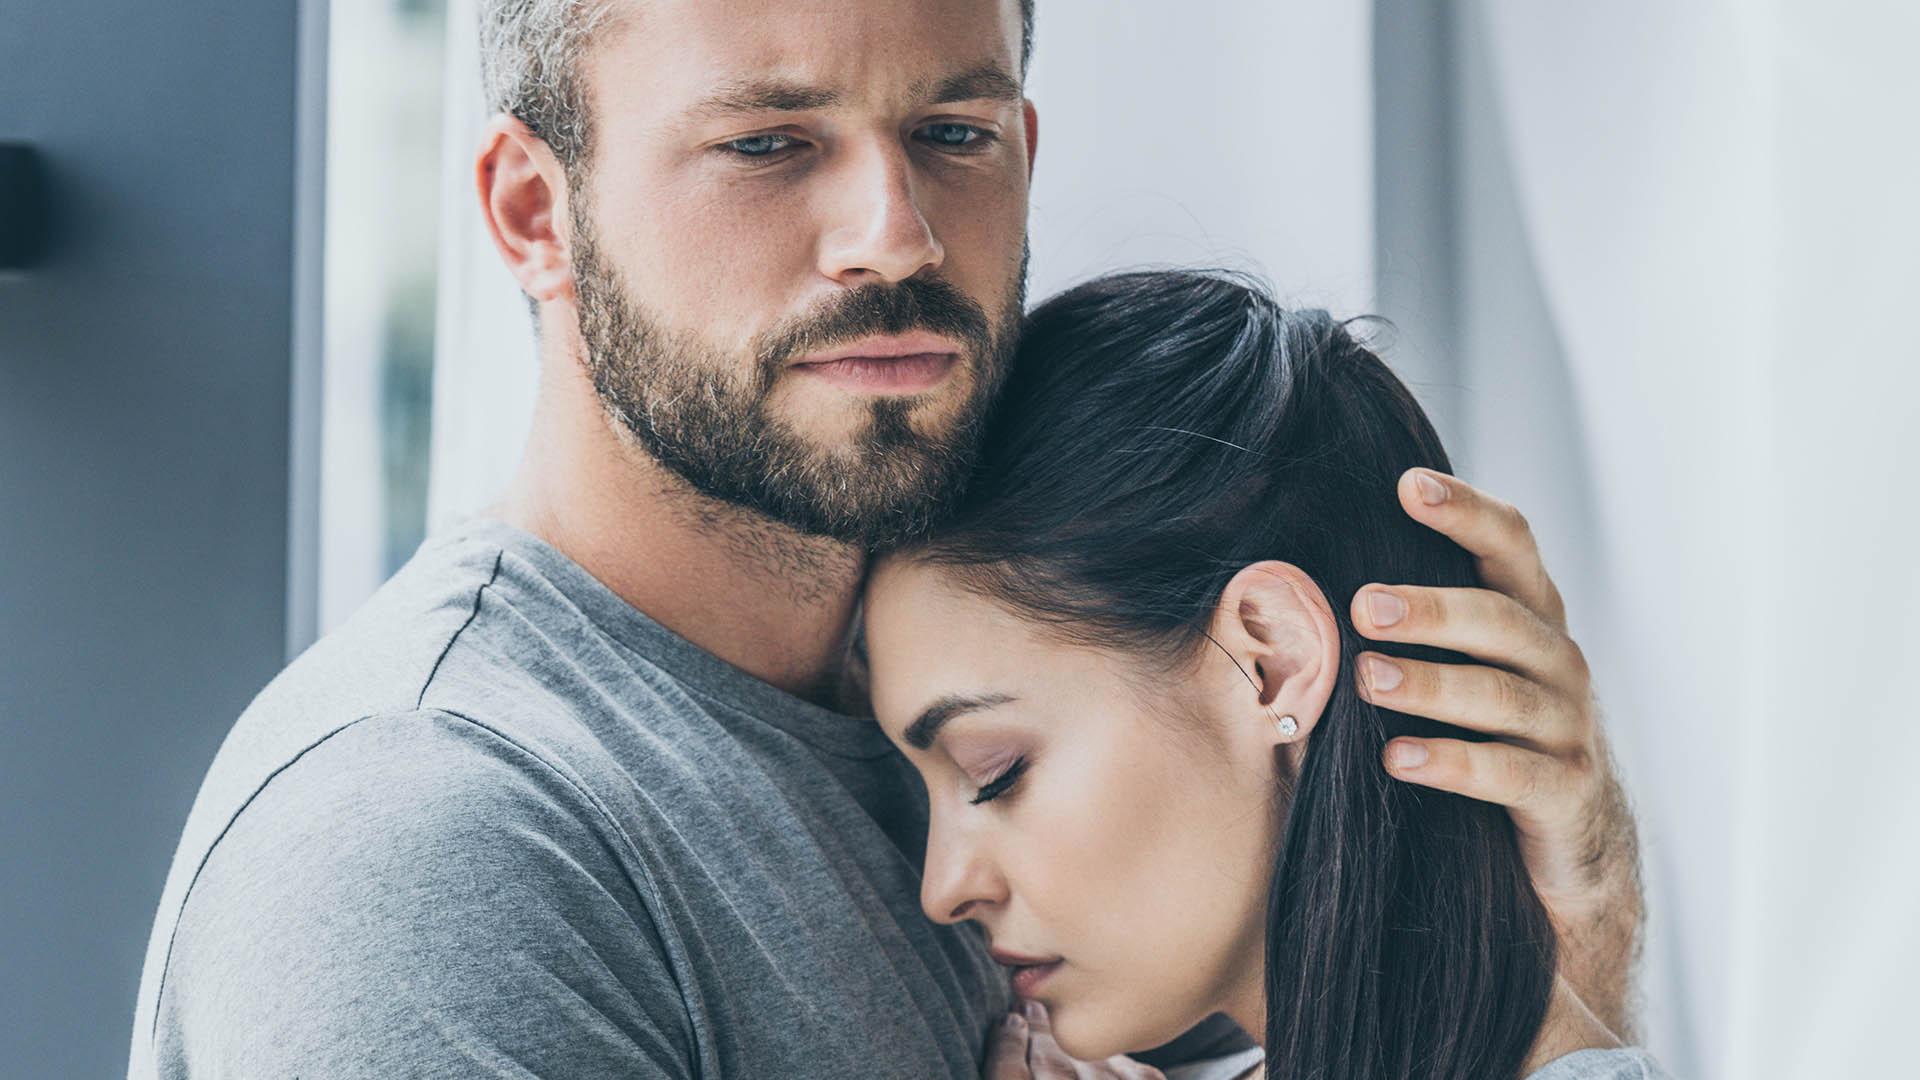 b. molnár márk babavárás bűnbakkeresés családalapítás gyanú hibáztatás klinikai szakpszichológus makai gábor önvád párterápiás tipp pszichoterapeuta stressz